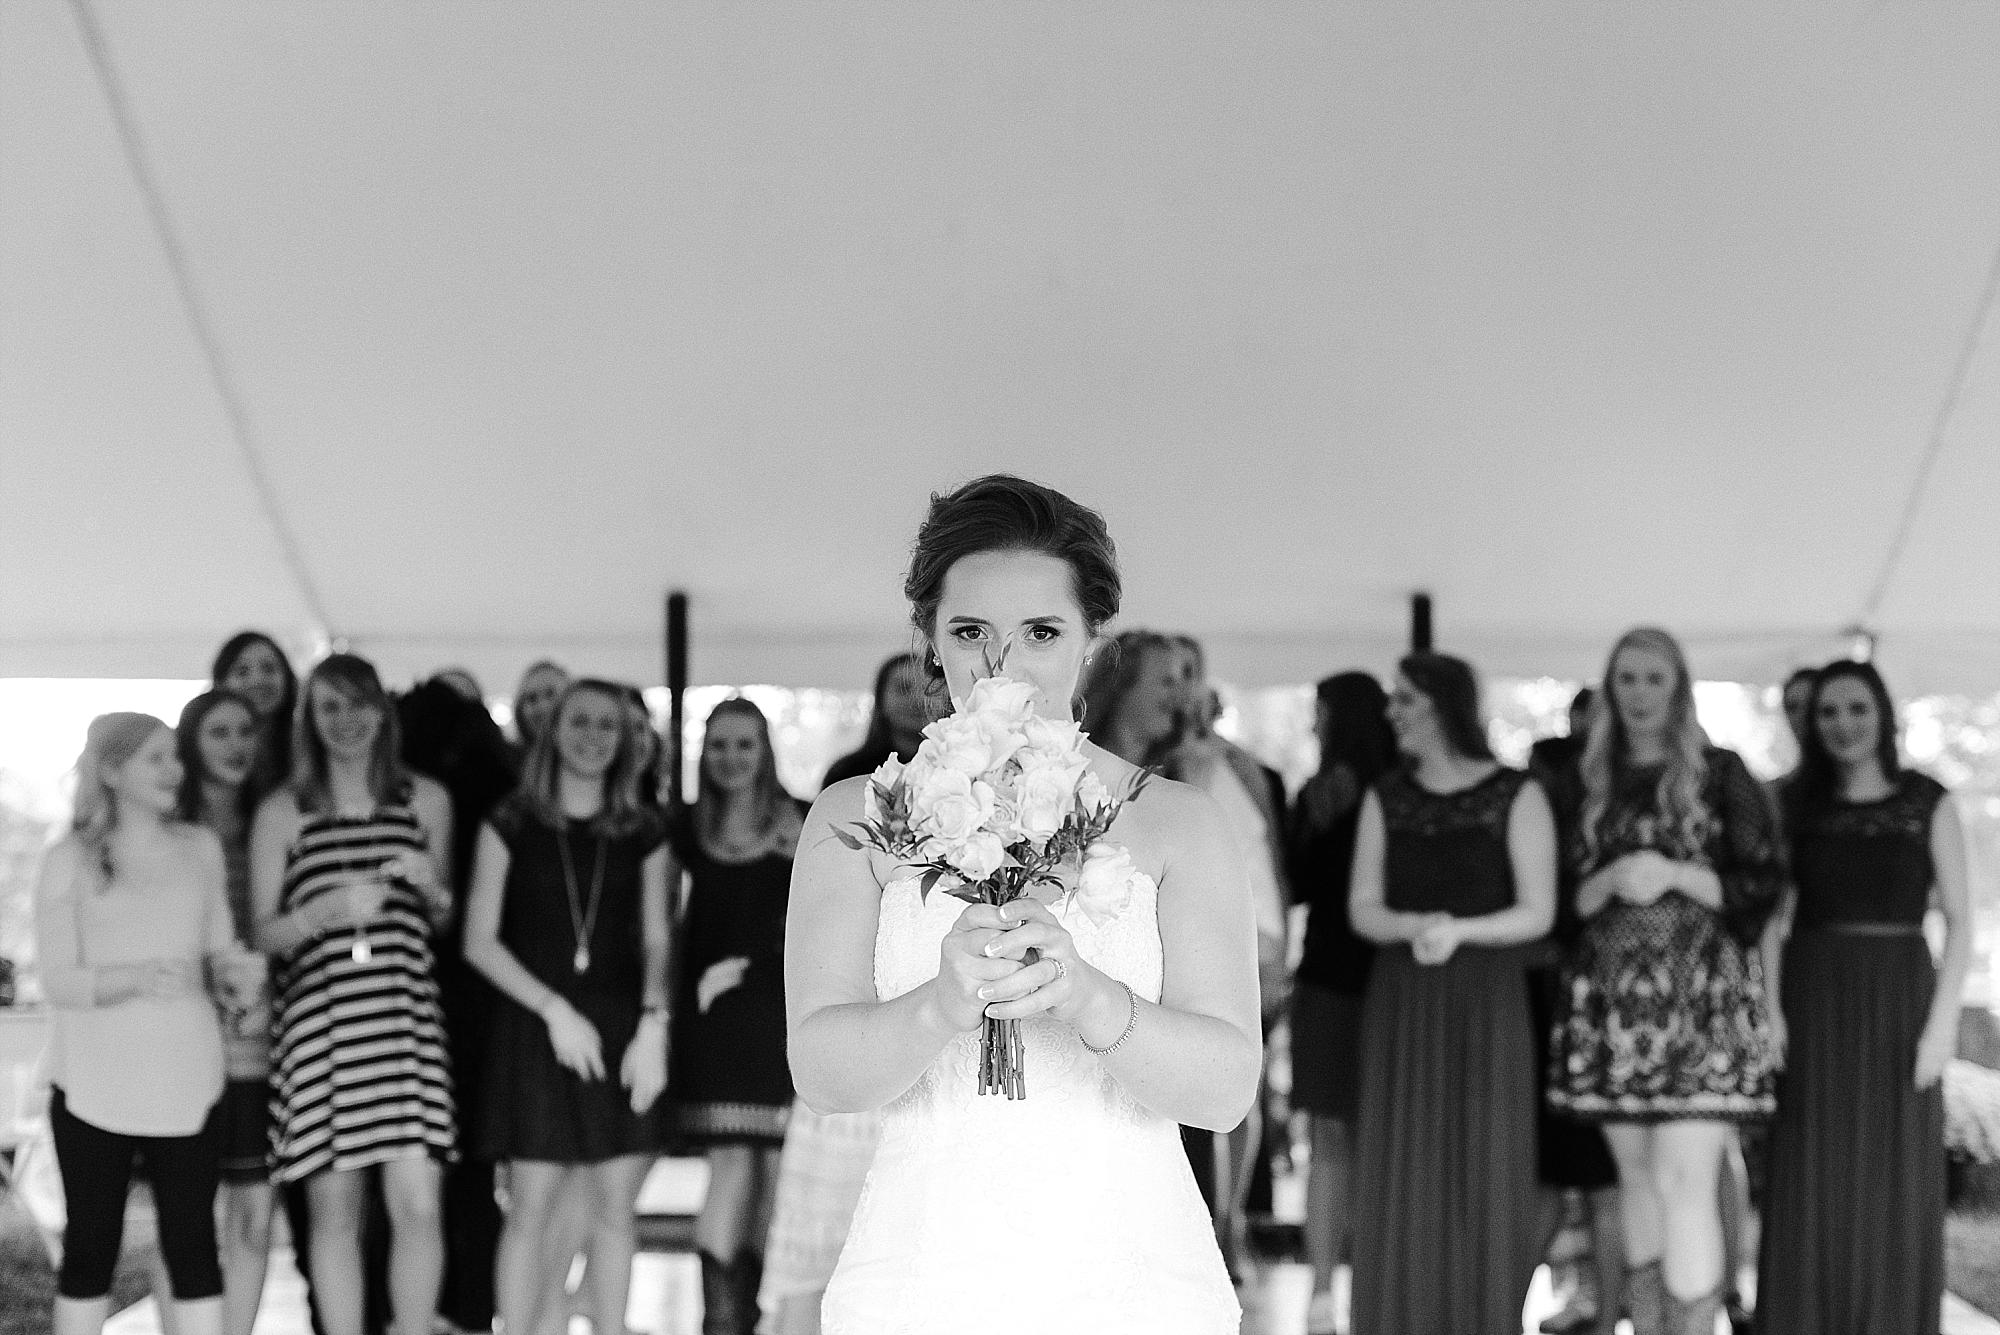 bouquet-toss-reception